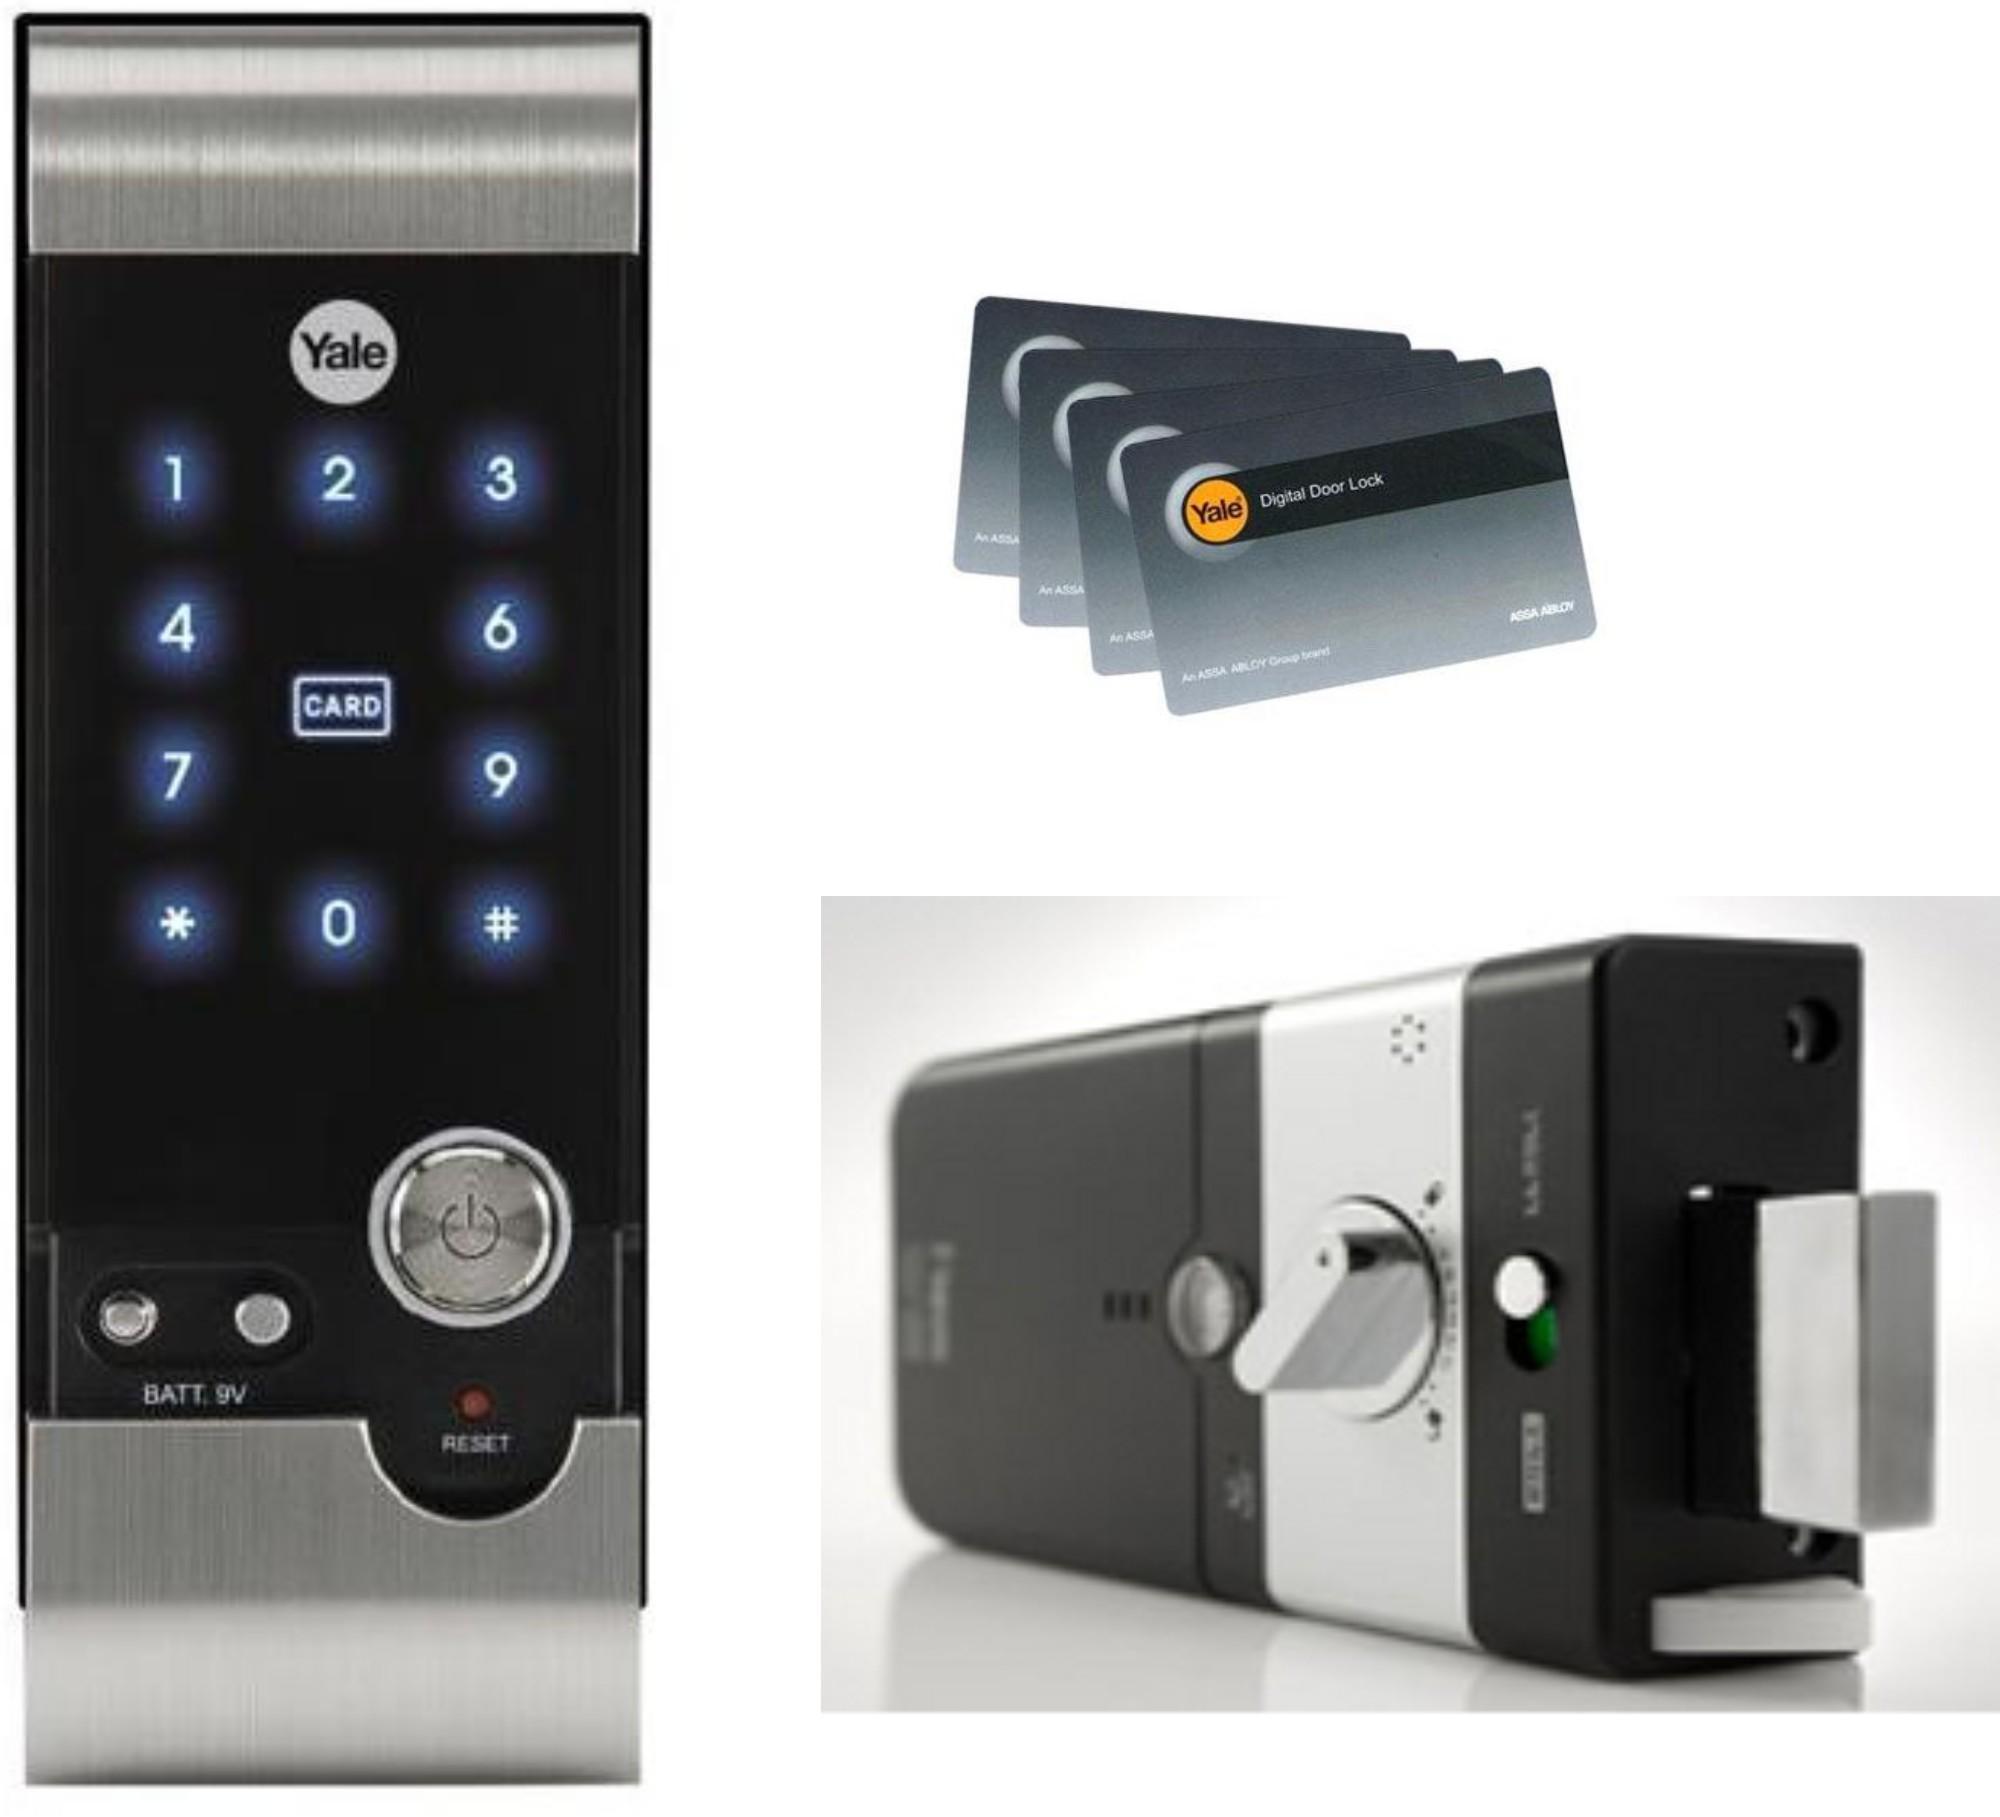 digital security doors en lock padlocks viewers and locks viewer home yale co uk productsdb yaledoorandwindowsolutions fetchfile systems alarms door